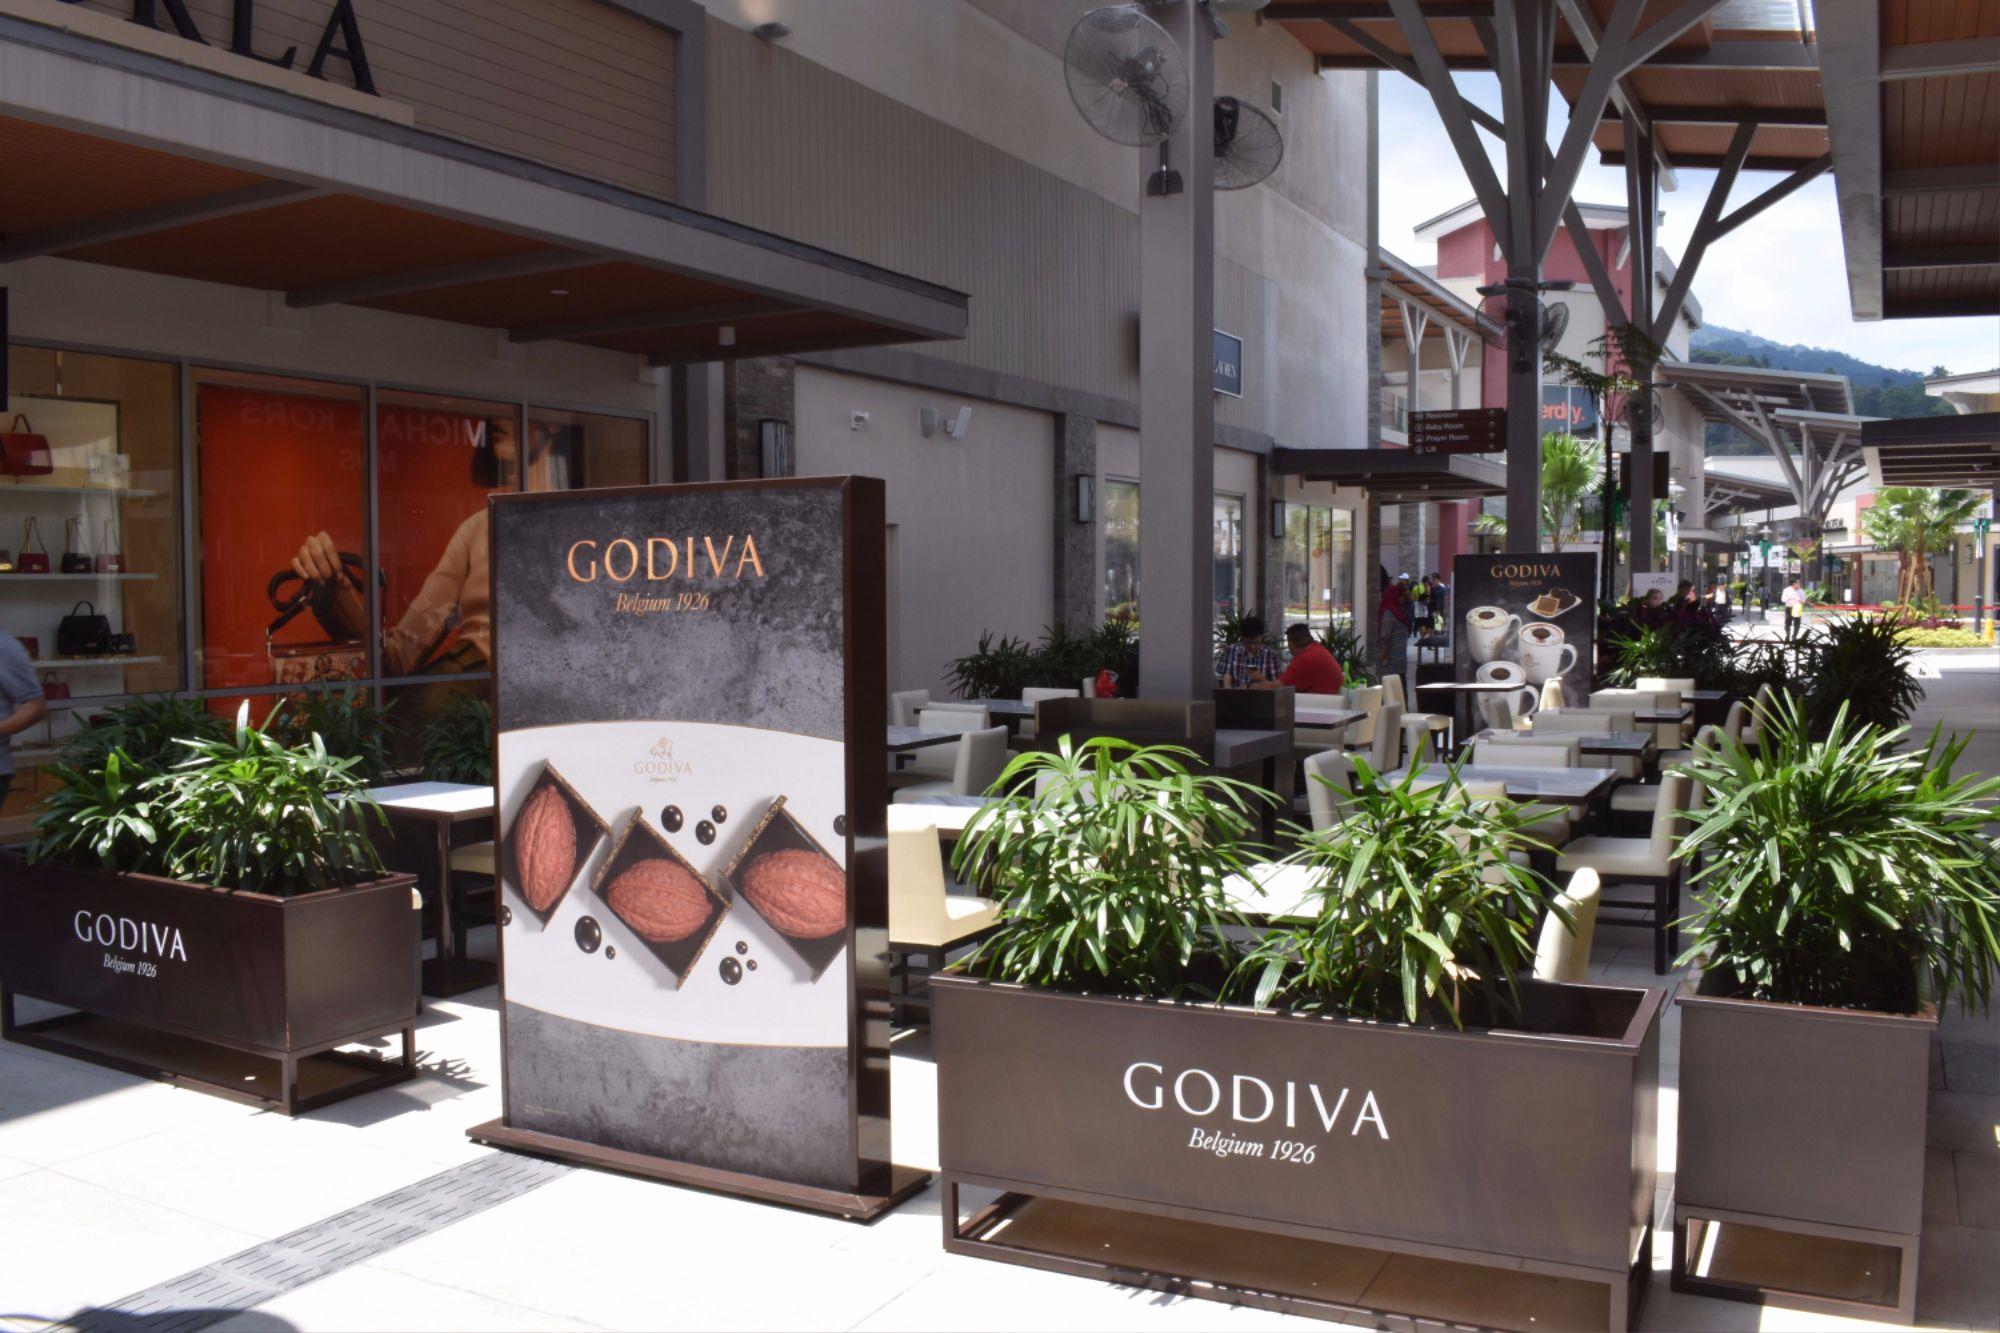 genting premium outlet Godiva